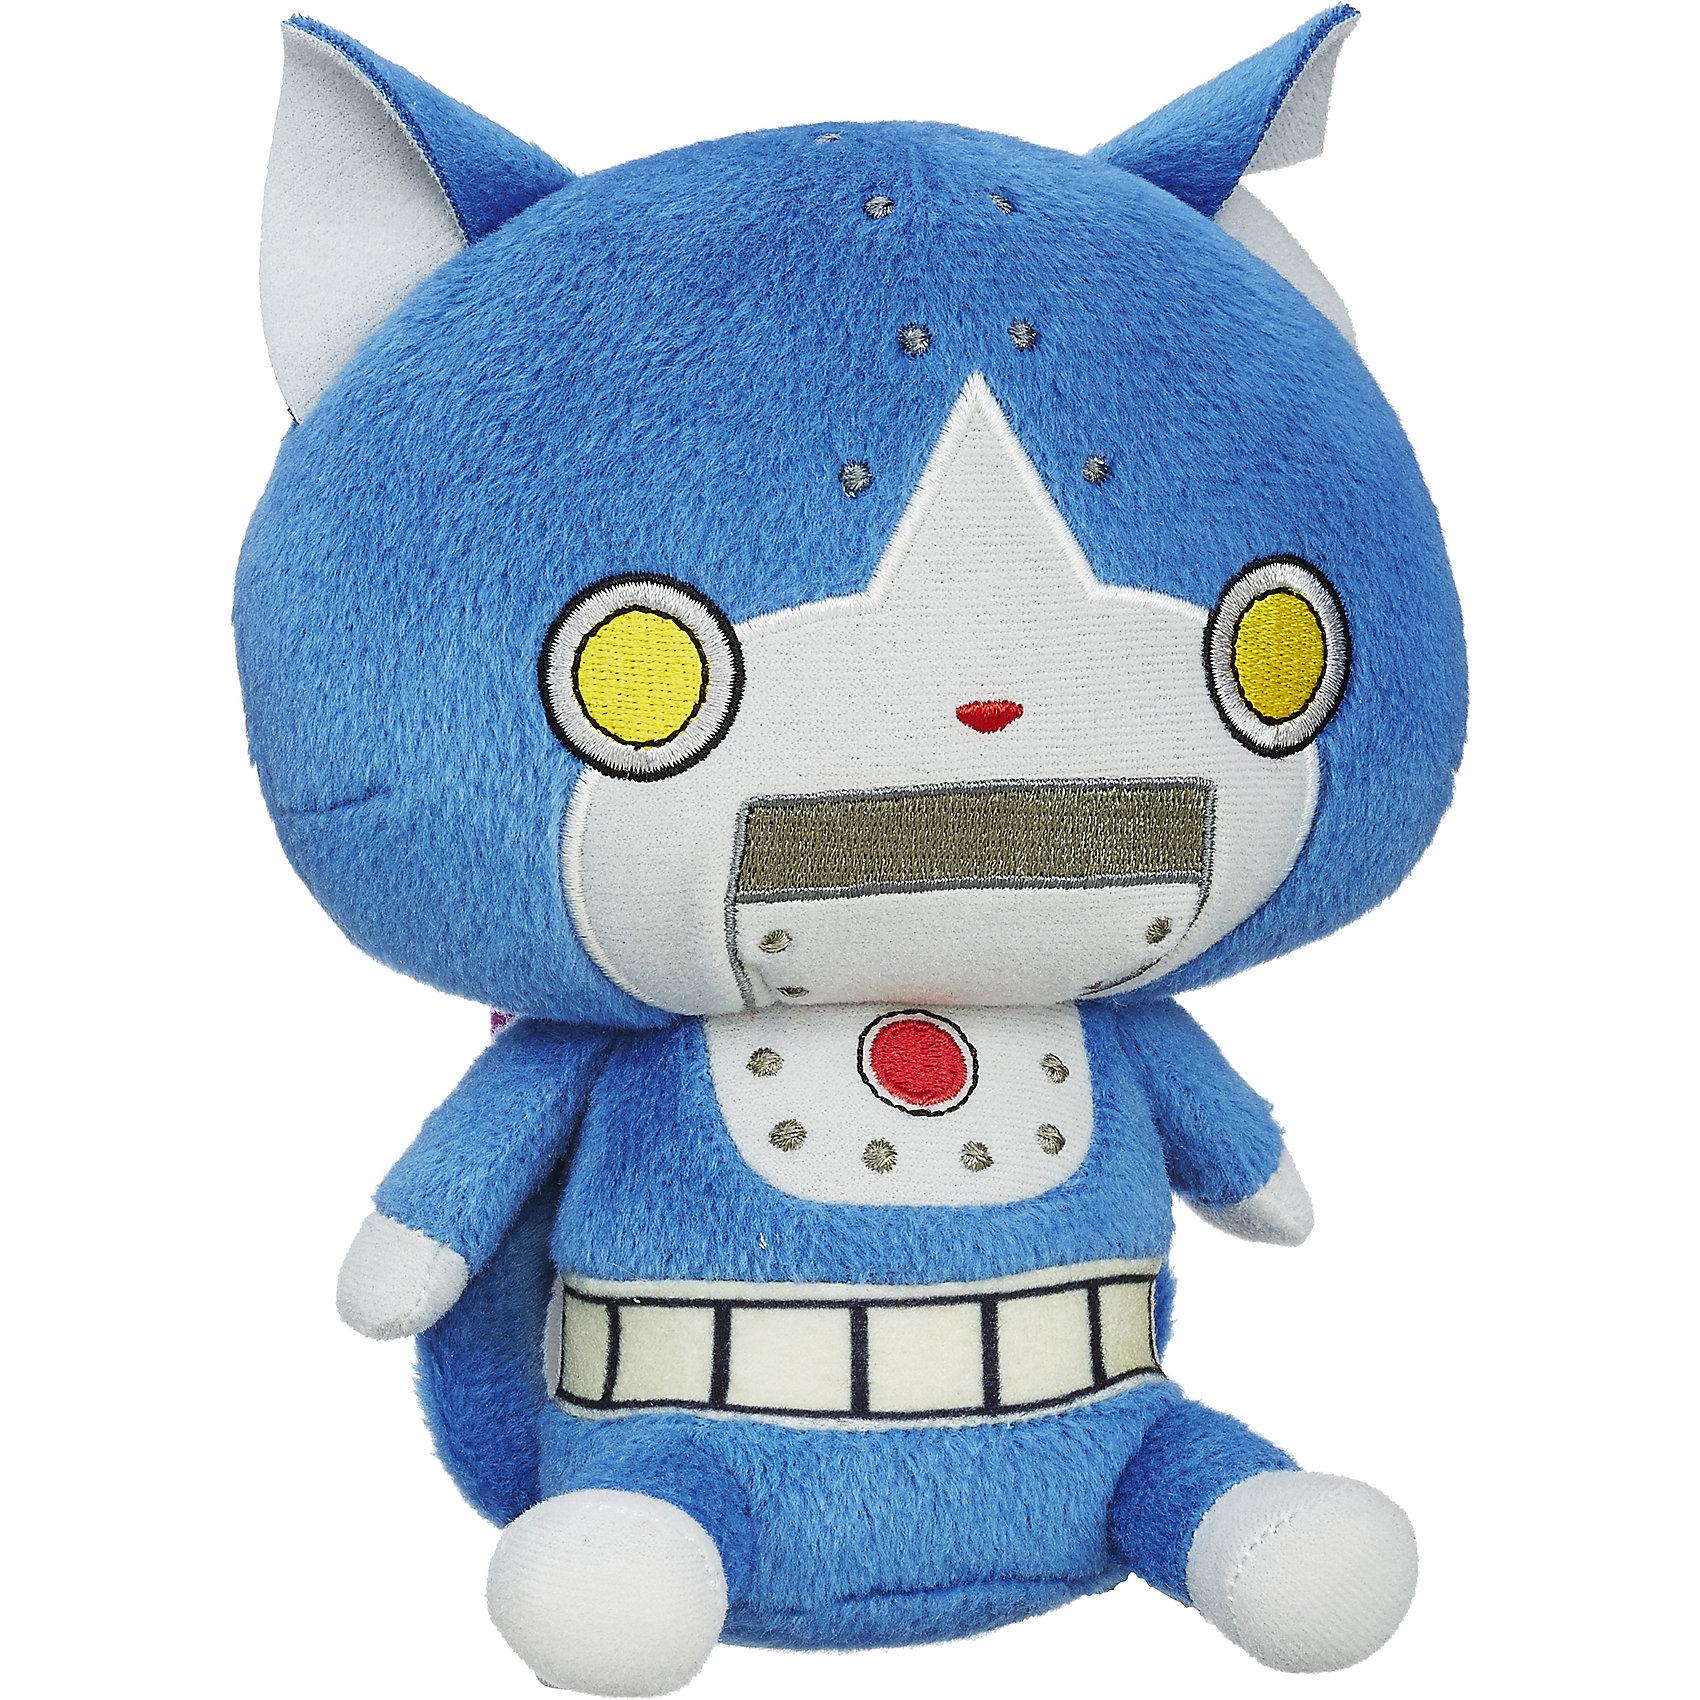 Мягкая игрушка Плюш, Екай вотч, Robonyan B5949/B5953Плюш, Екай вотч, B5949/B5953.<br><br>Характеристики:<br><br>- Материал: плюш, текстиль<br>- Размер упаковки: 15х10х20 см.<br><br>Плюшевая игрушка в виде синего робо-кота по имени Robonyan станет началом яркой коллекции настоящего ценителя Yo-Kai. Игрушка в точности повторяет своего прототипа, поэтому может стать основной для разыгрывания увлекательных приключений по мотивам популярного аниме о духах Йокай. Игрушка изготовлена из гипоаллергенного плюша с приятной на ощупь бархатистой поверхностью, окрашена стойкими безопасными красителями.<br><br>Игрушку Плюш, Екай вотч, B5949/B5953 можно купить в нашем интернет-магазине.<br><br>Ширина мм: 102<br>Глубина мм: 152<br>Высота мм: 675<br>Вес г: 108<br>Возраст от месяцев: 36<br>Возраст до месяцев: 144<br>Пол: Мужской<br>Возраст: Детский<br>SKU: 5064731